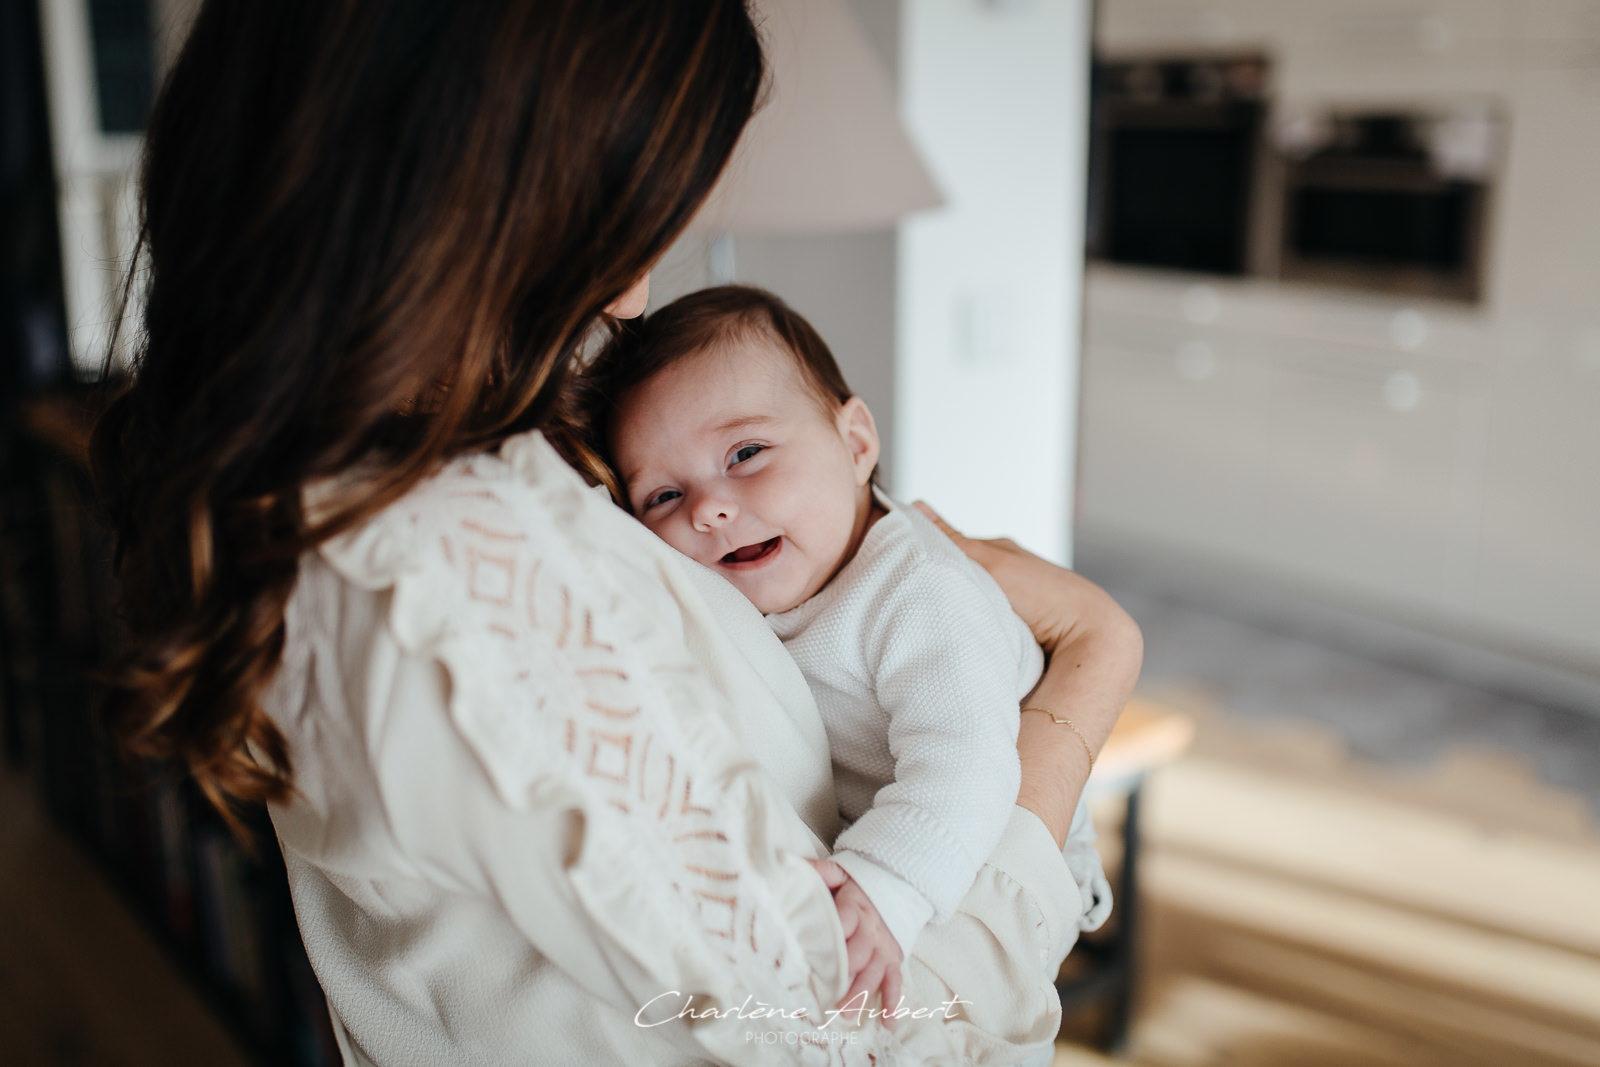 photographe nouveau né bébé naissance geneve suisse savoie